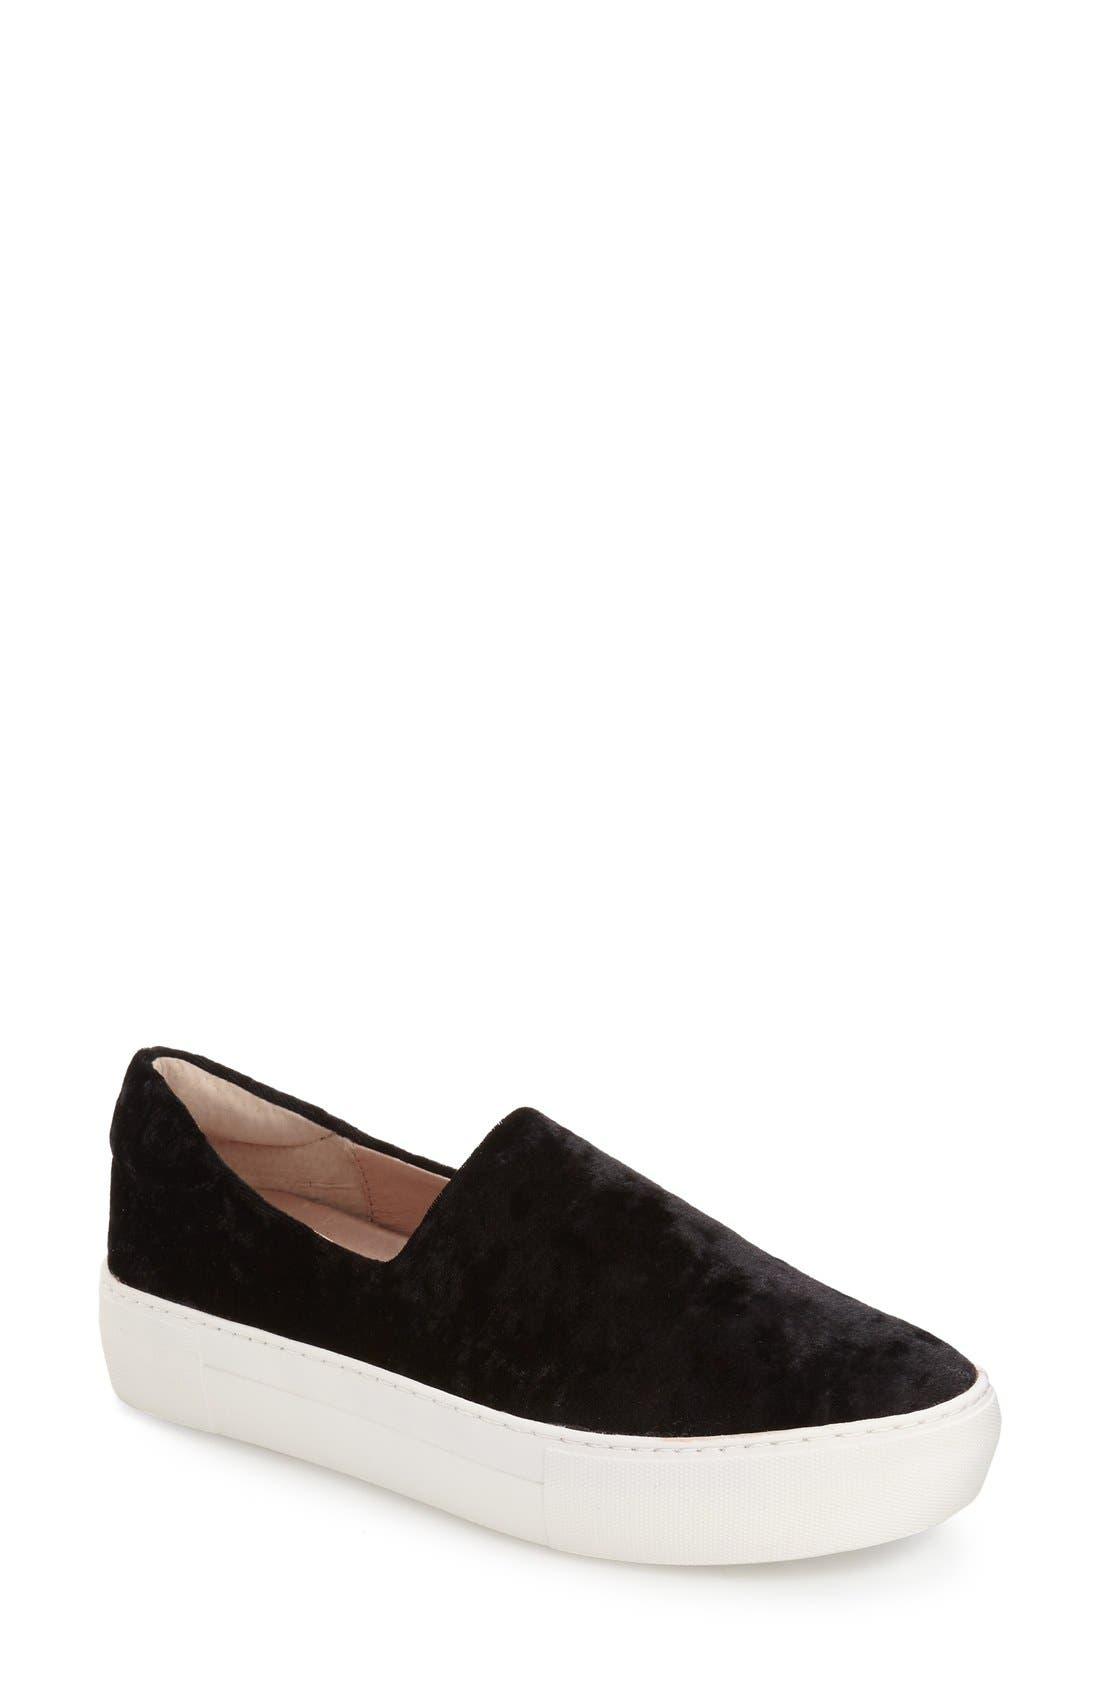 Alternate Image 1 Selected - JSlides Angel Slip-On Sneaker (Women)